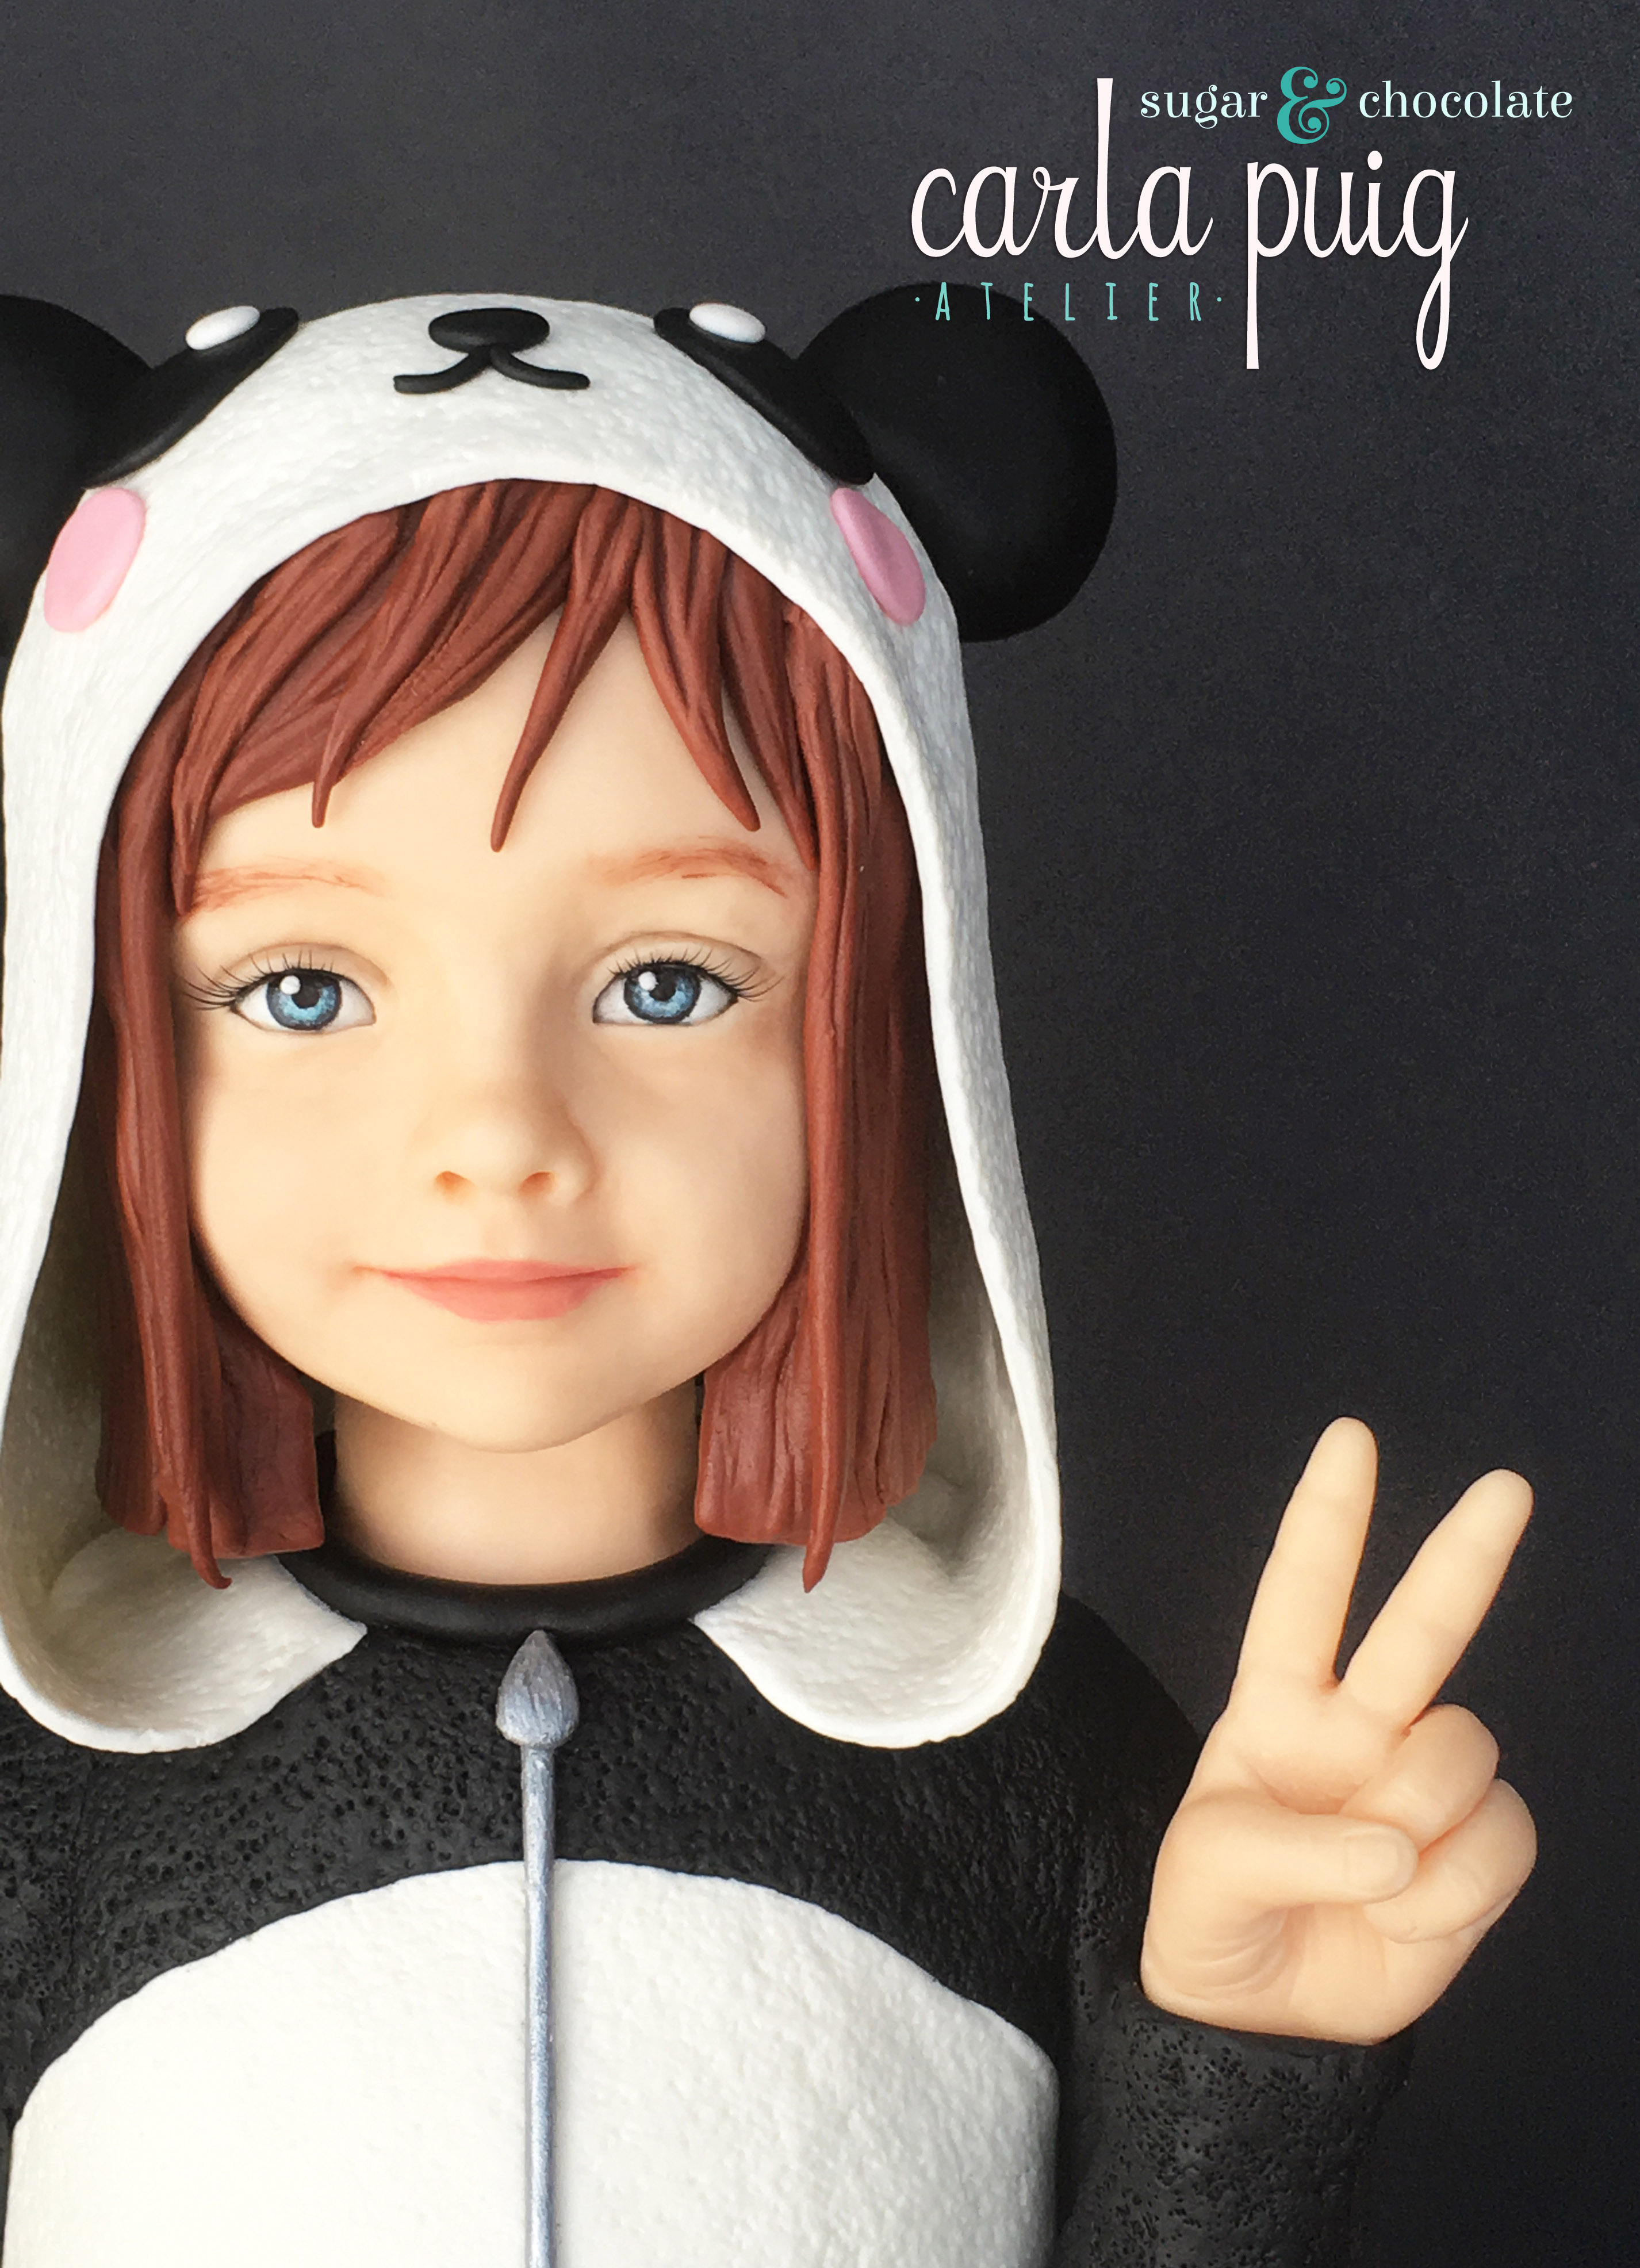 Little girl in costume